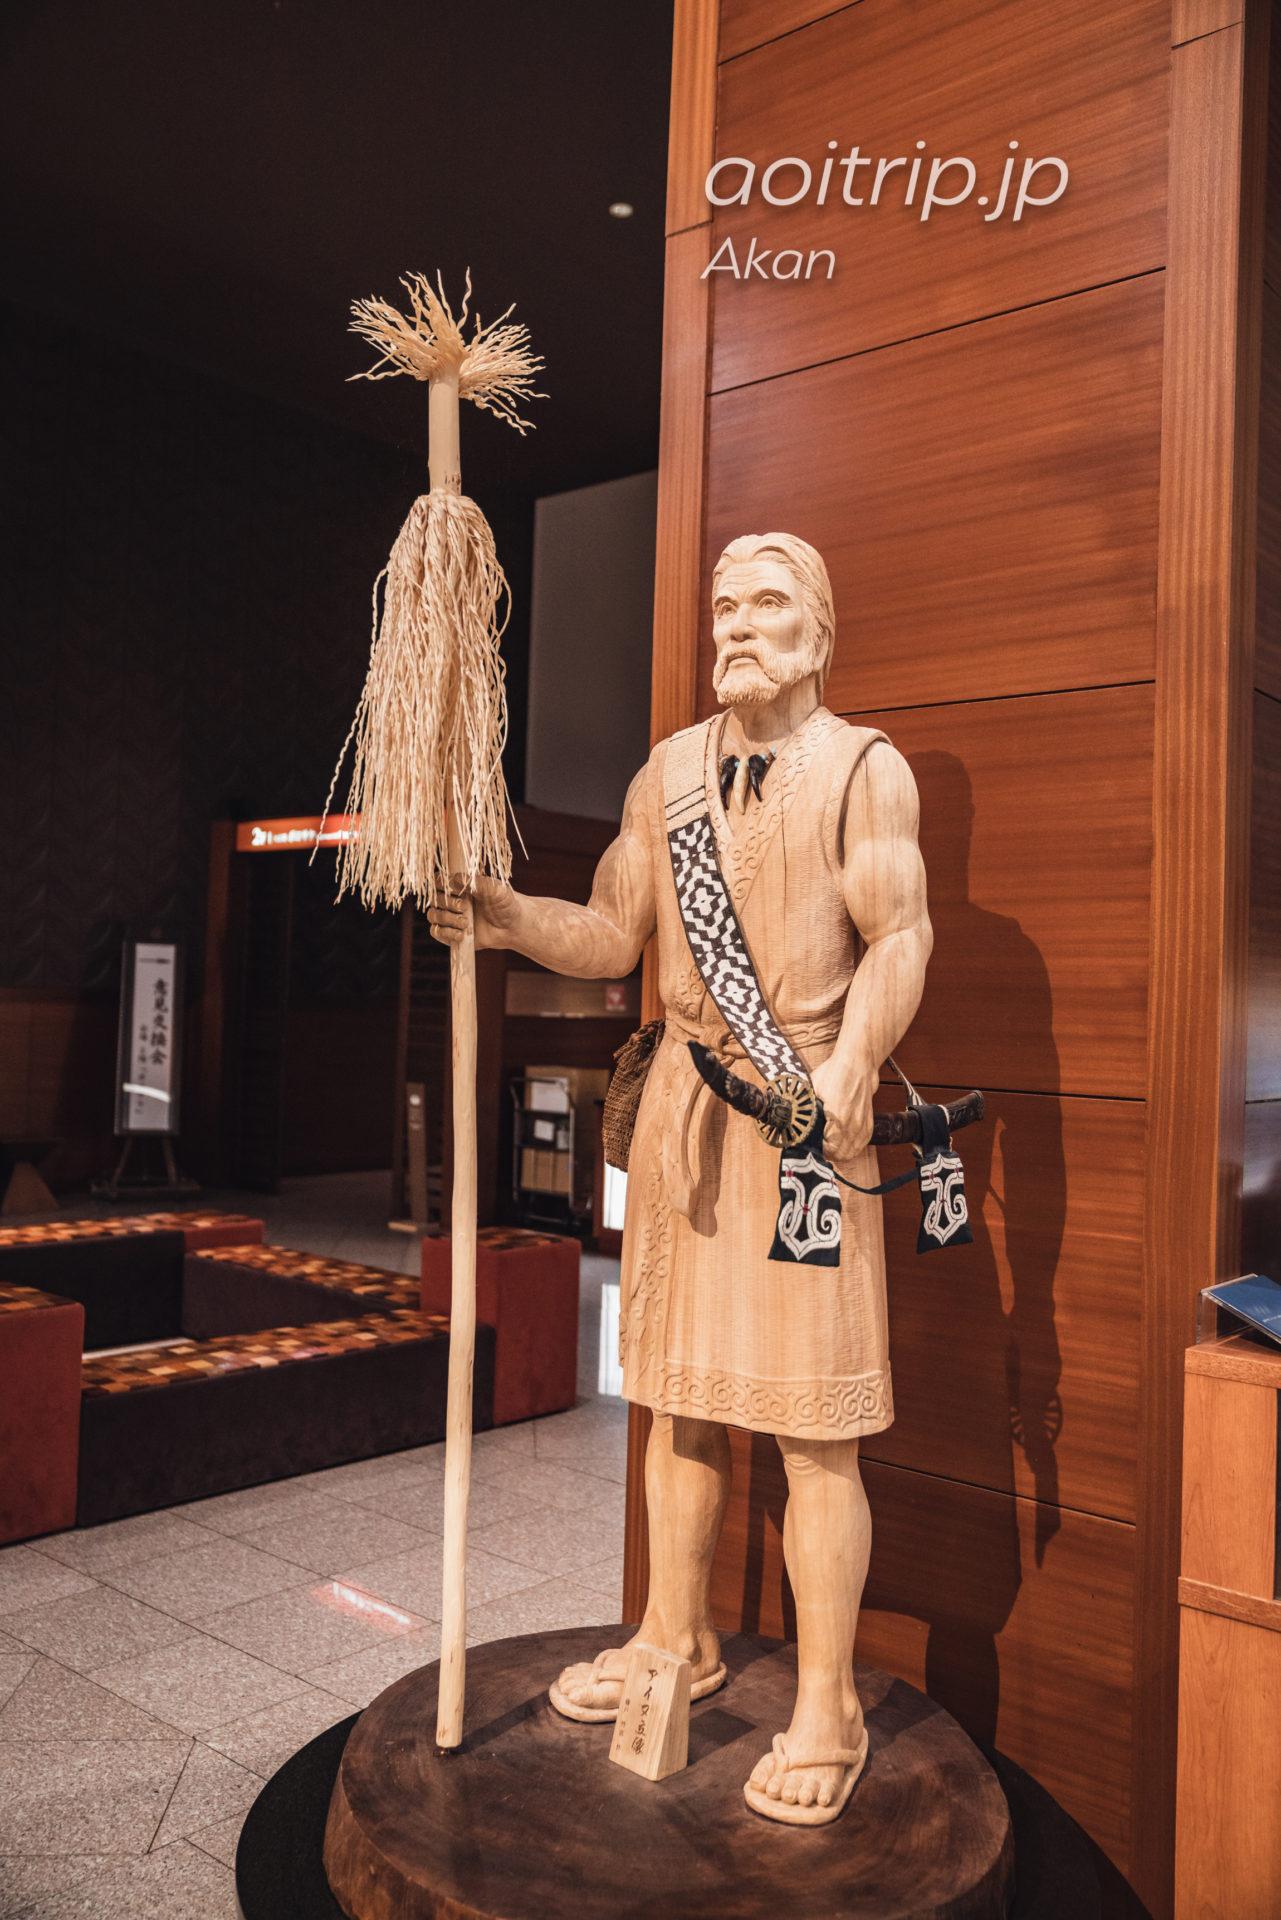 あかん湖 鶴雅ウイングスのロビー 故藤戸竹喜氏によるアイヌ文化を表現した彫刻